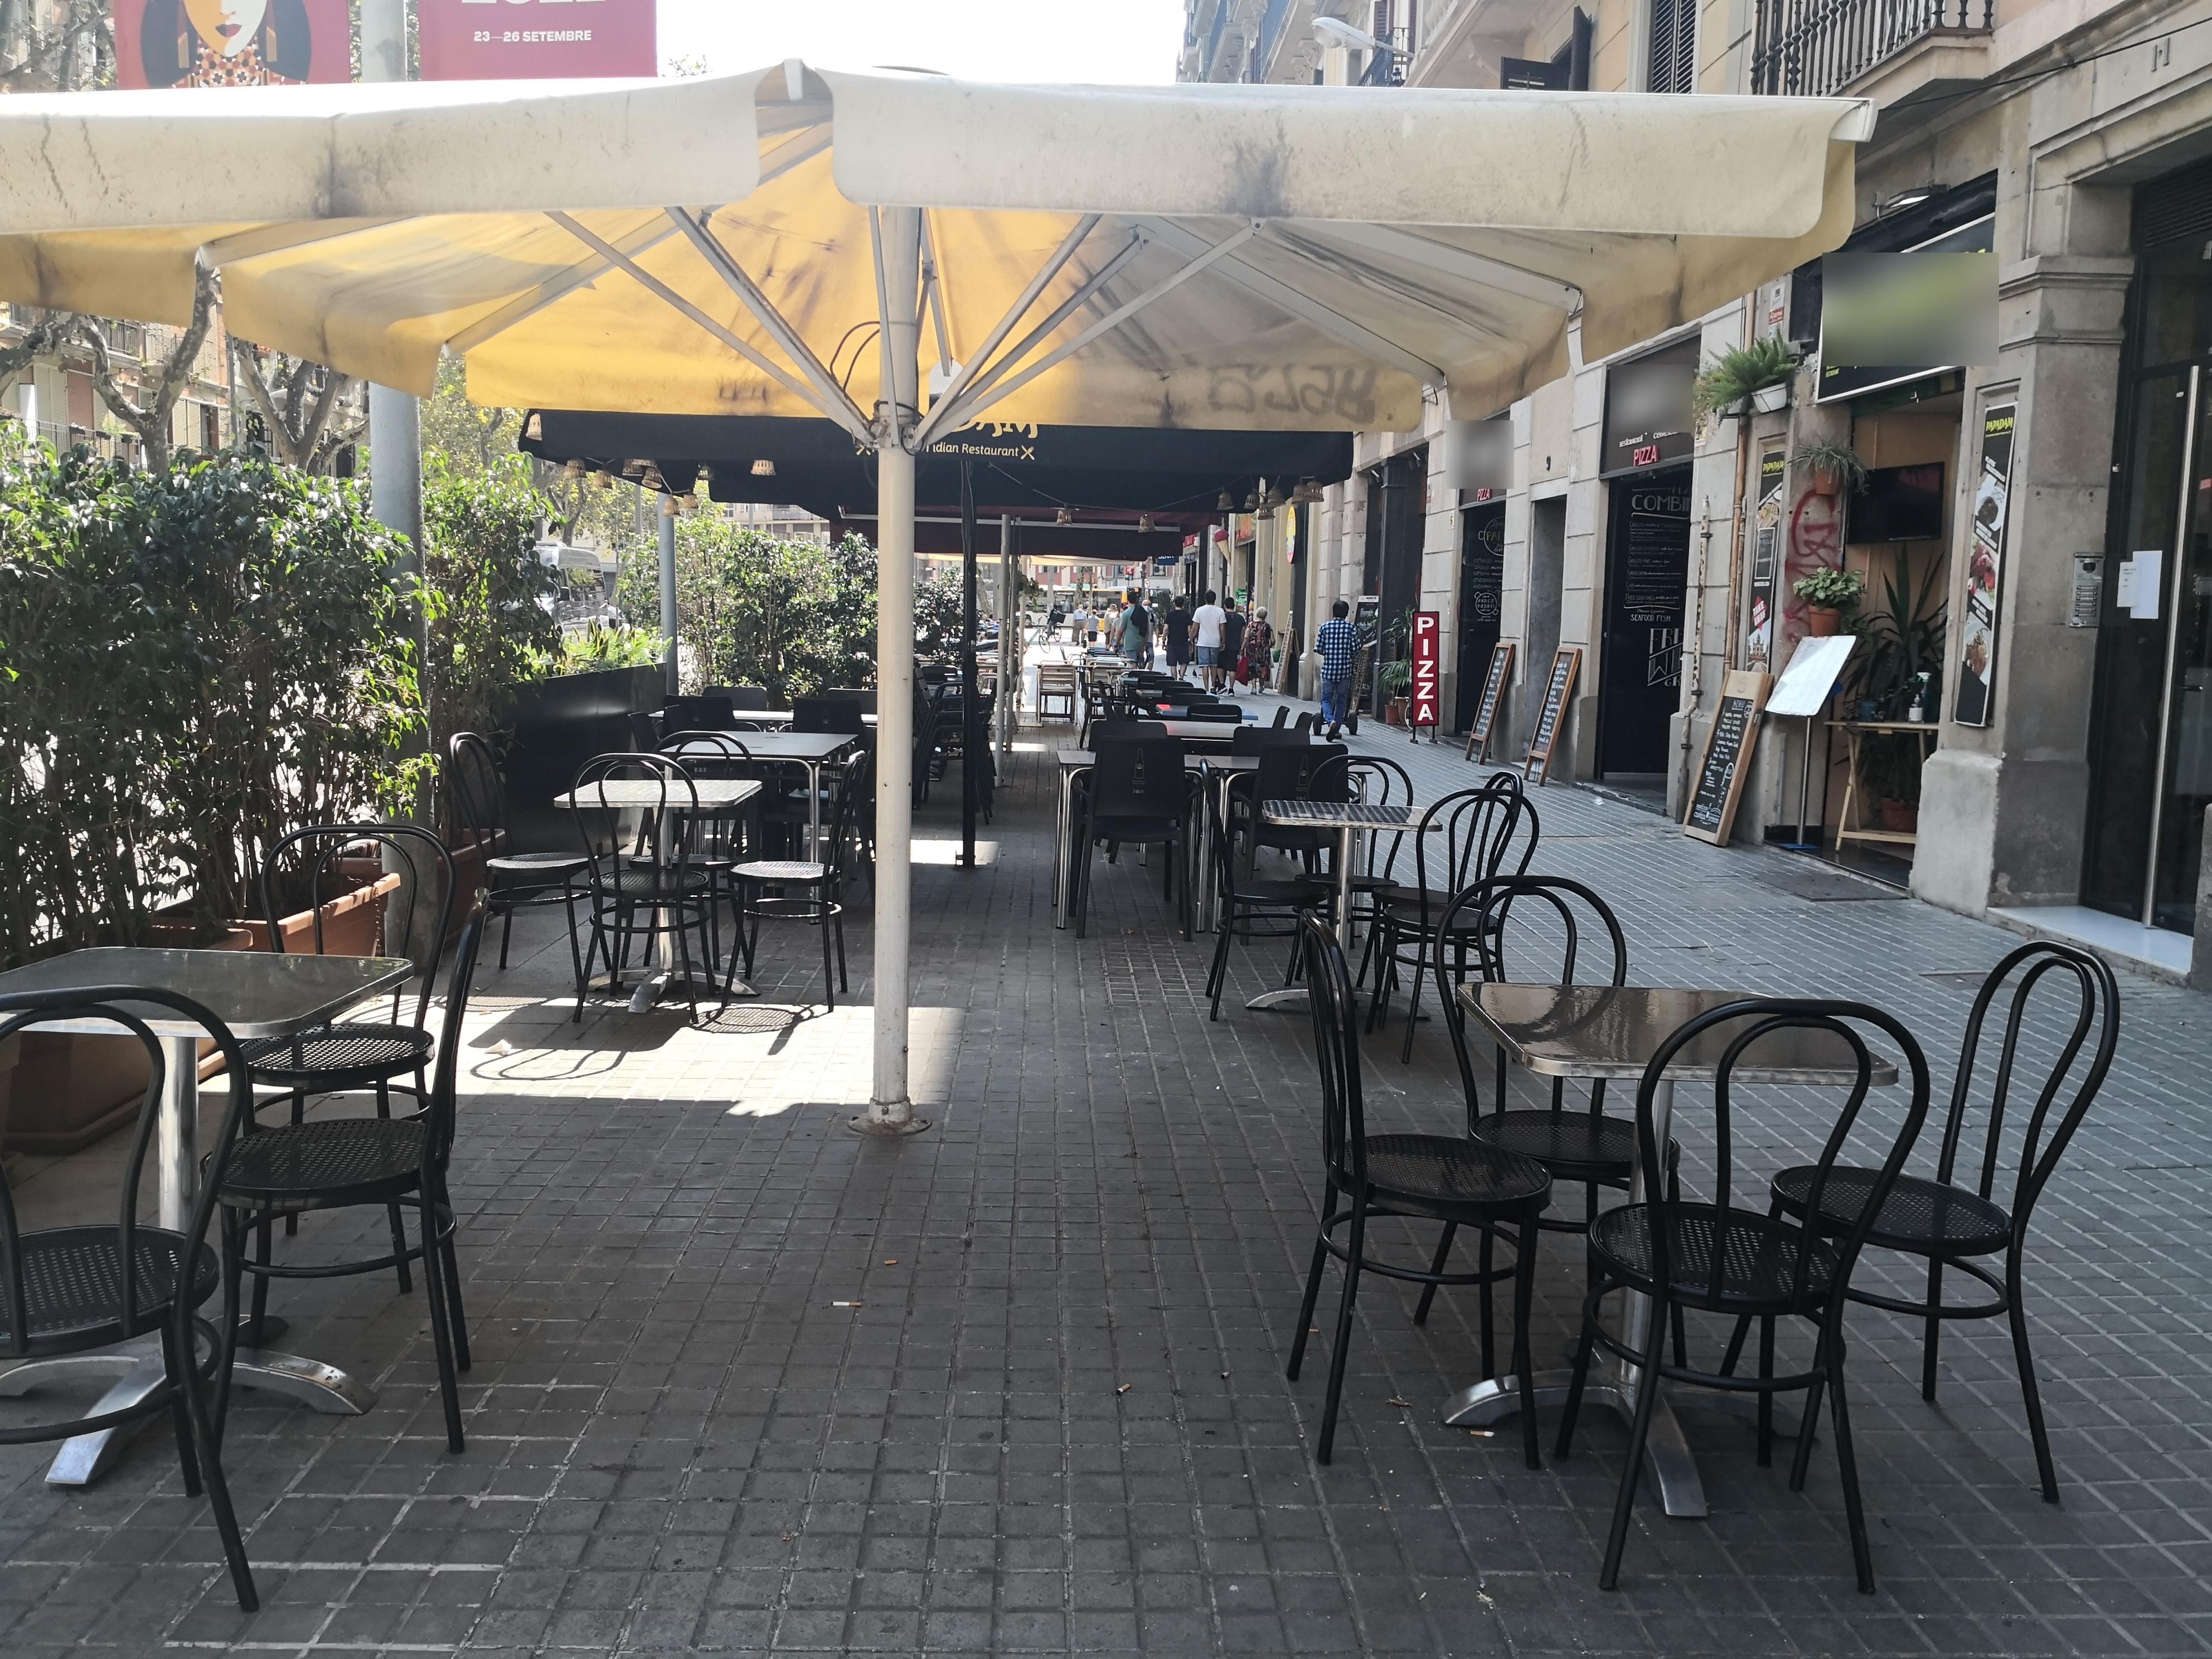 Ronda de Sant Pau 7, 9, 11 - plaga d'invasió de terrasses i okupació de façana!!!